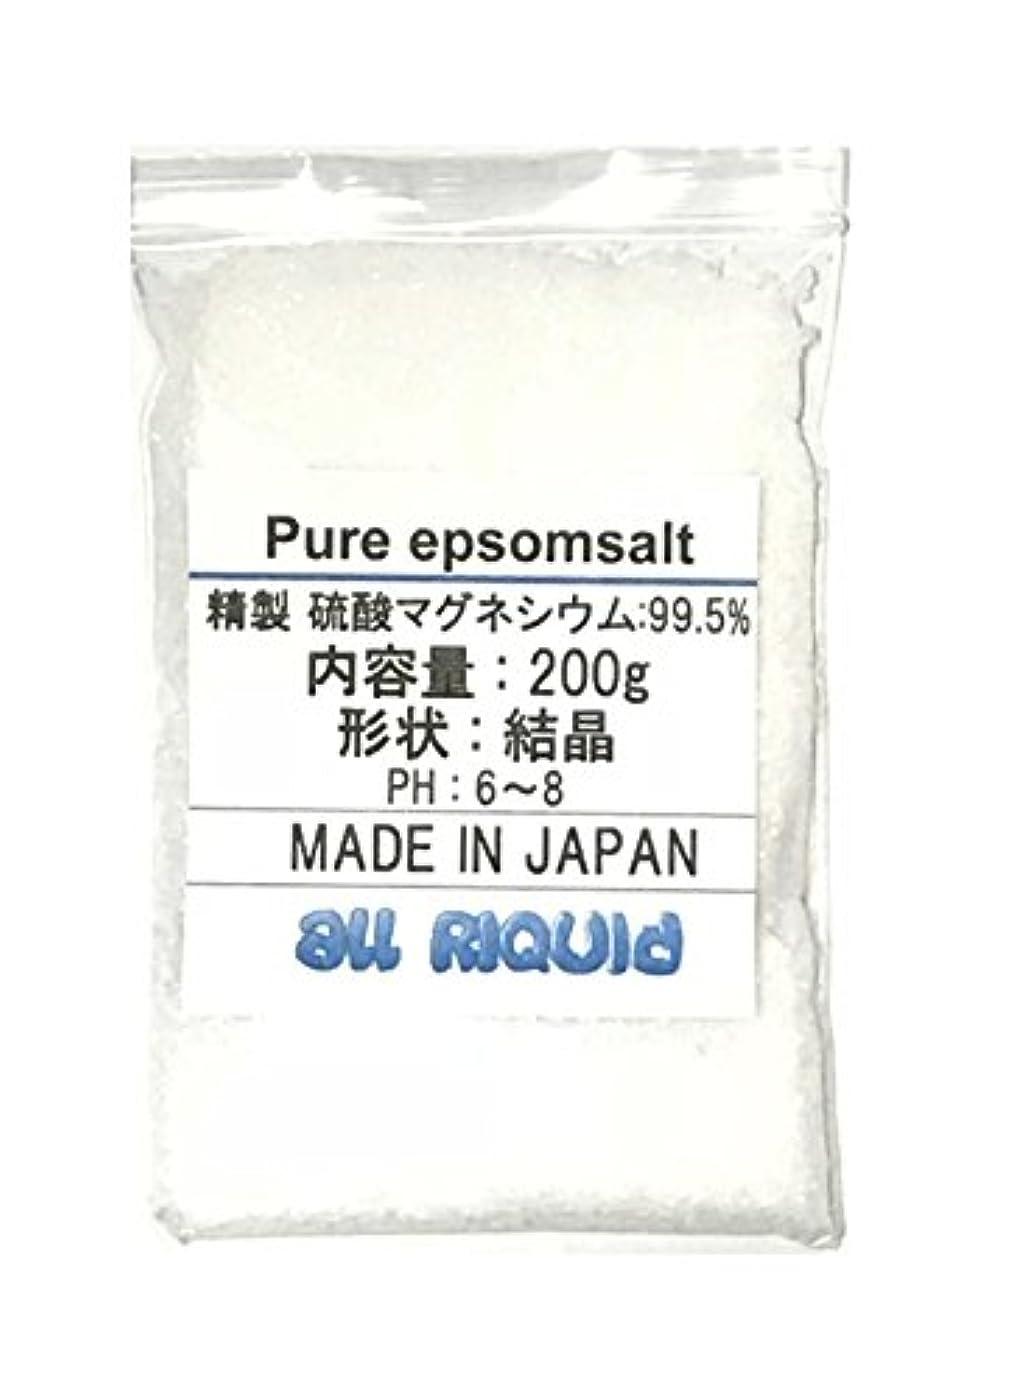 進捗効果インフレーション純 エプソムソルト 200g x2 (硫酸マグネシウム) 2回分 99.5% 国産品 オールリキッド ジャスミンオイル配合